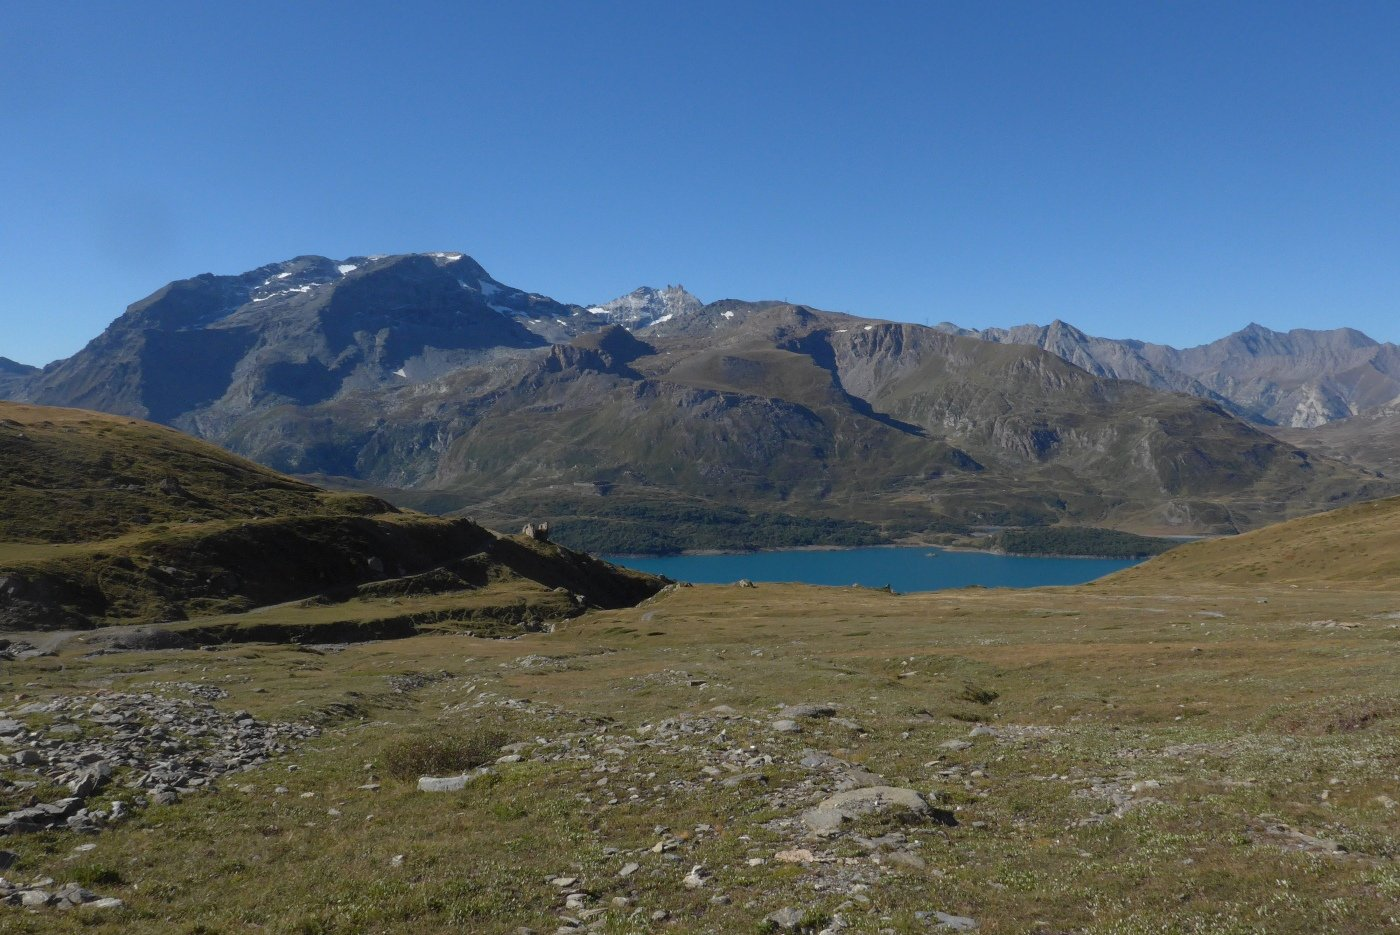 Dopo il forte, vista lago